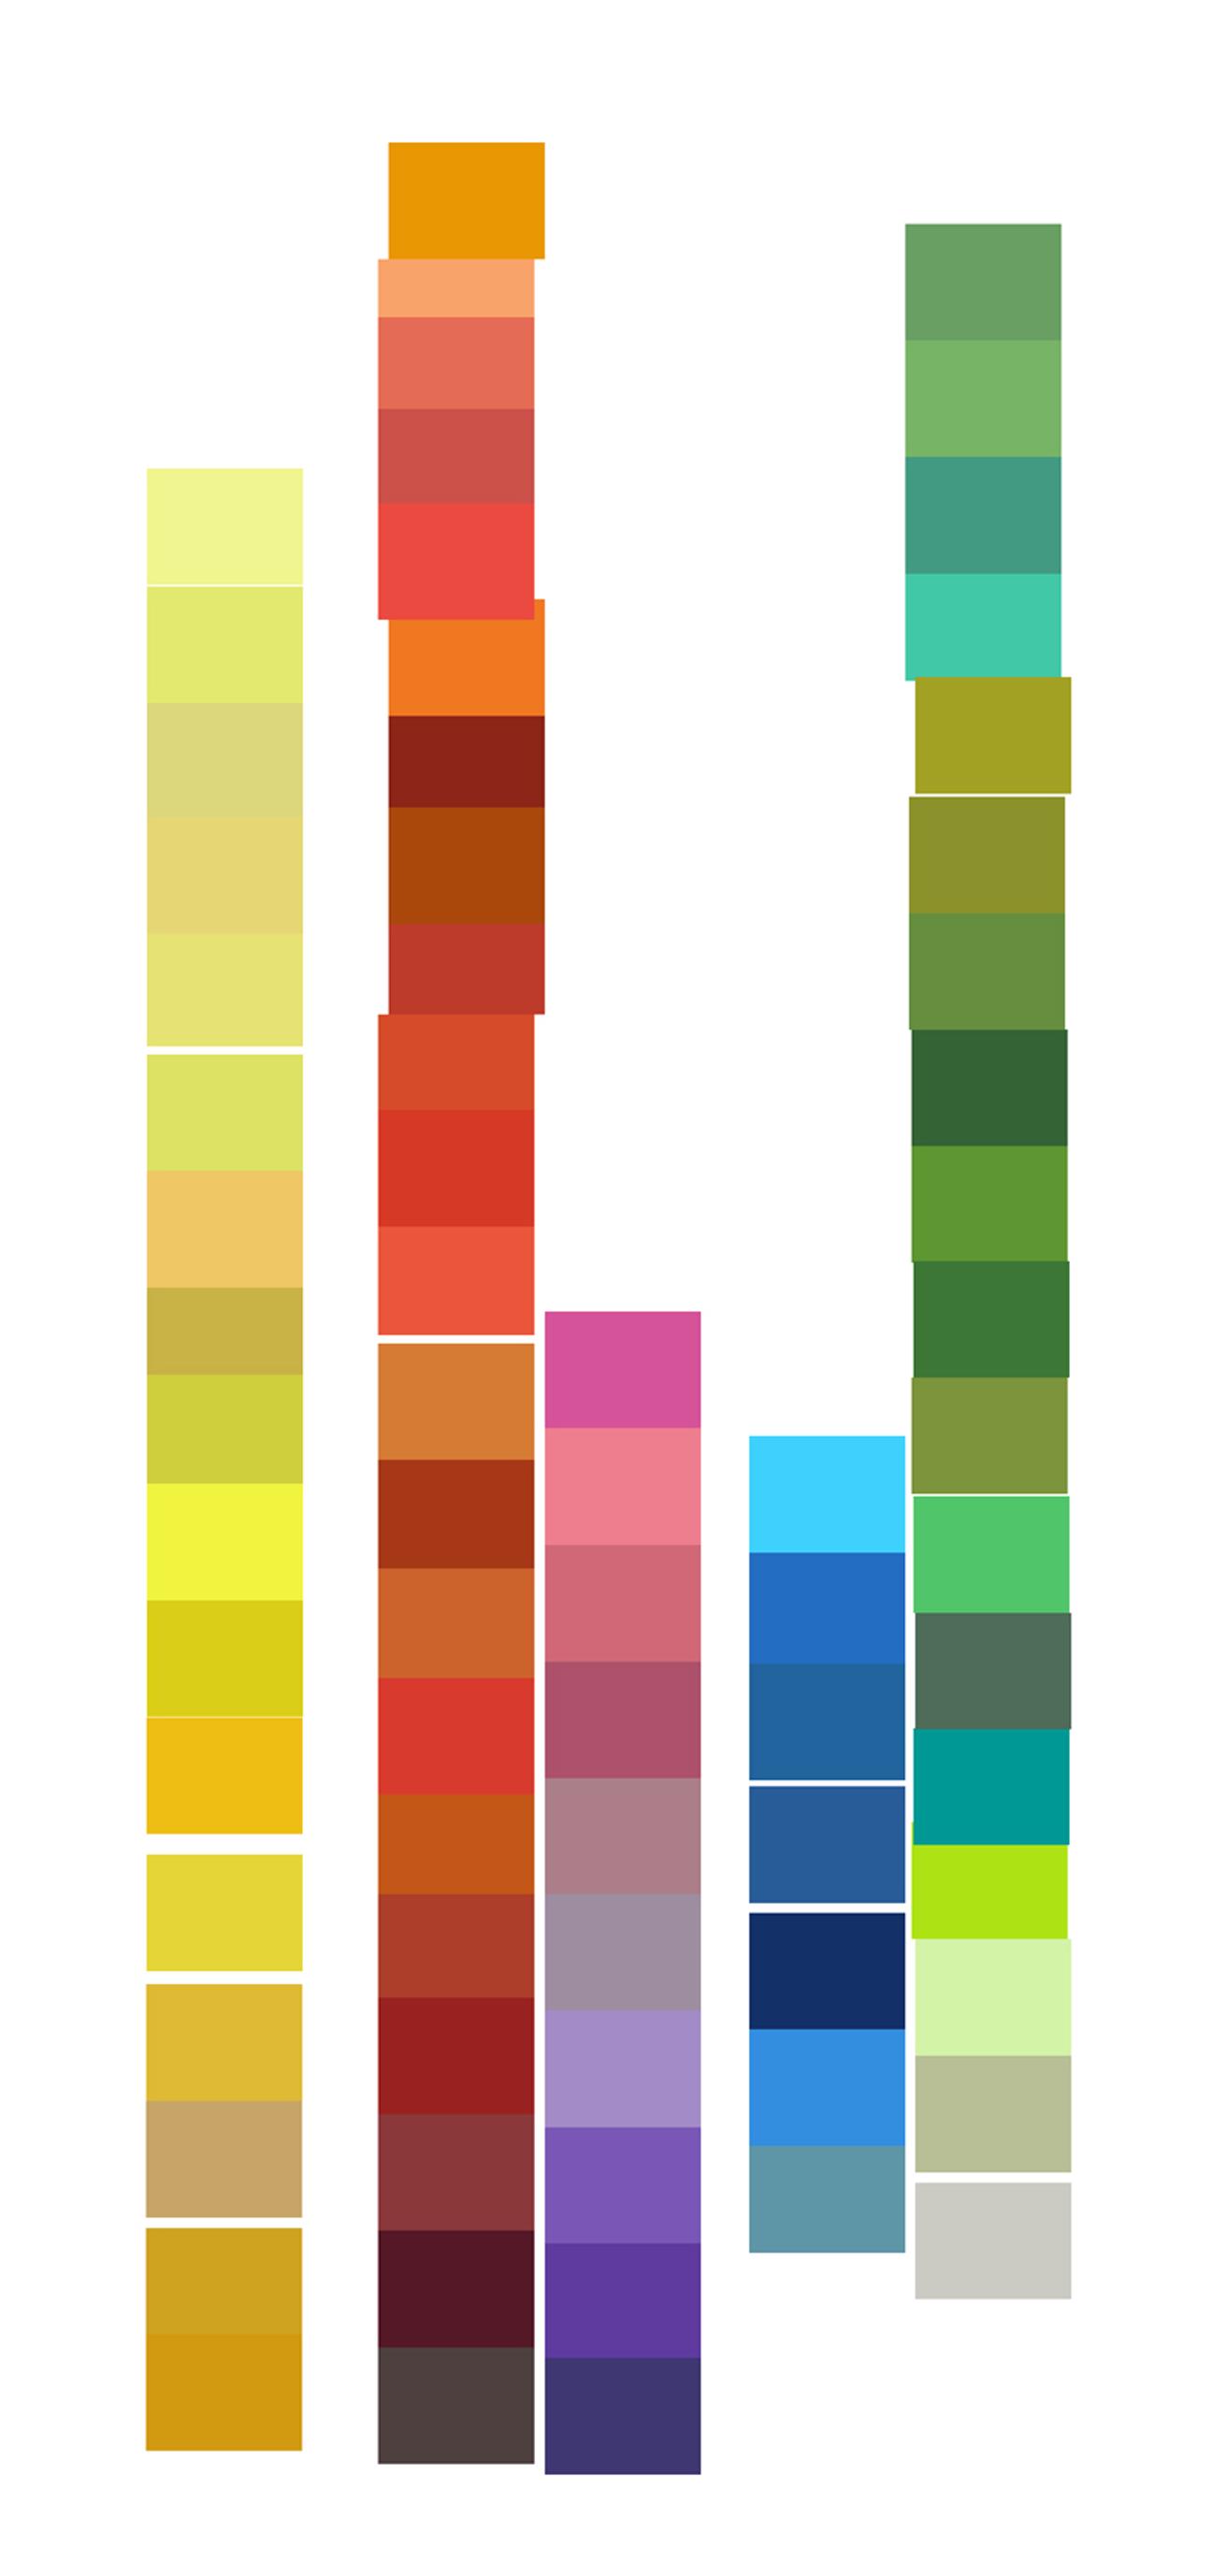 Kleuren mapping van Barking, herschikken.